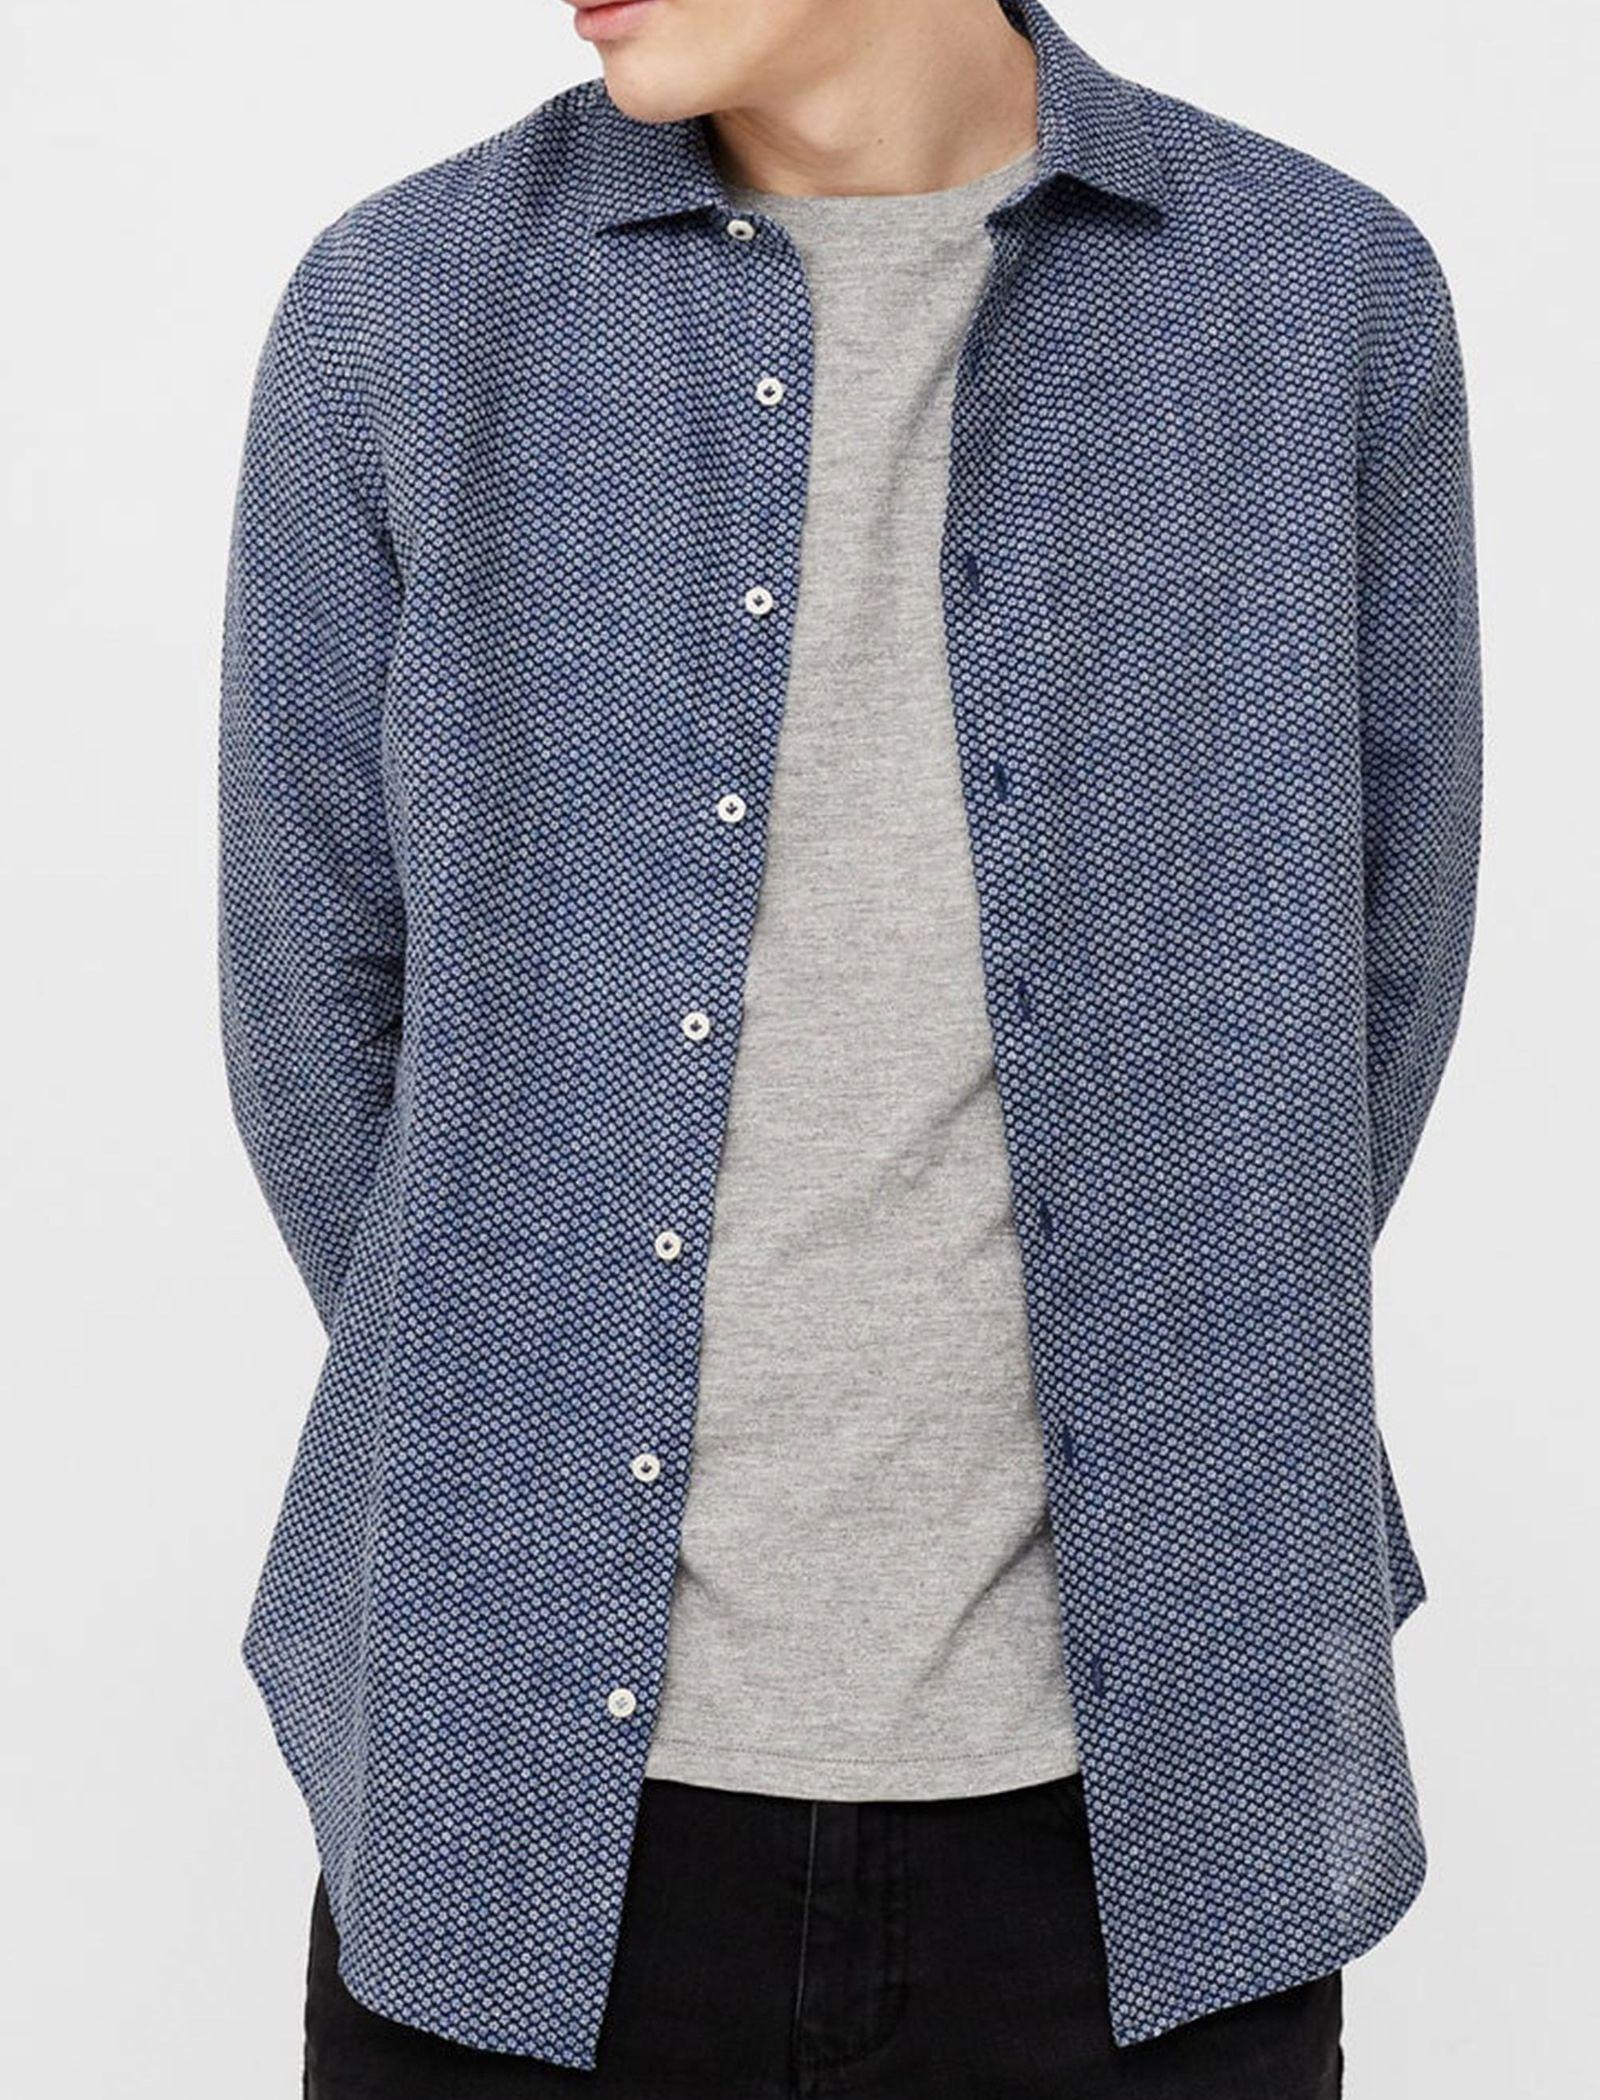 پیراهن آستین بلند مردانه - مانگو - سرمه اي - 2